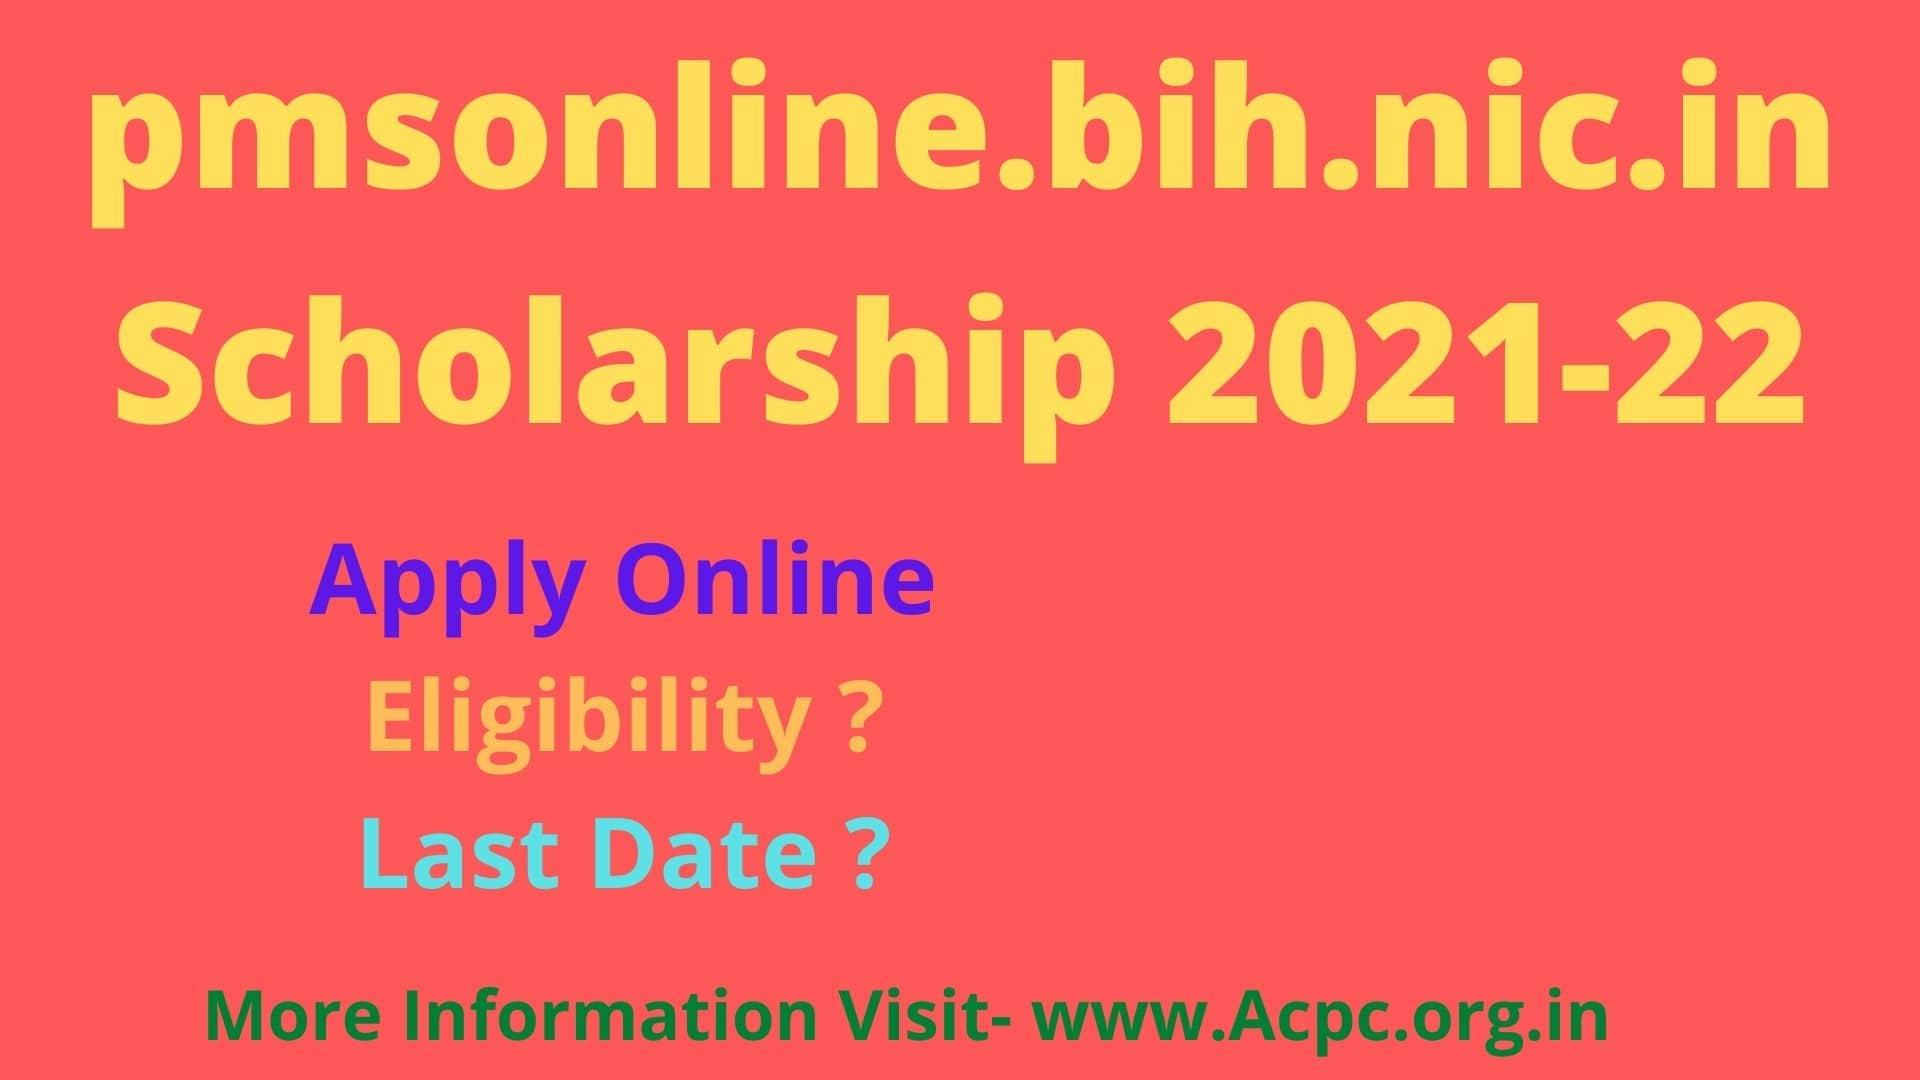 pmsonline.bih.nic.in Scholarship 2021-22 Bihar Post Matric Apply Online